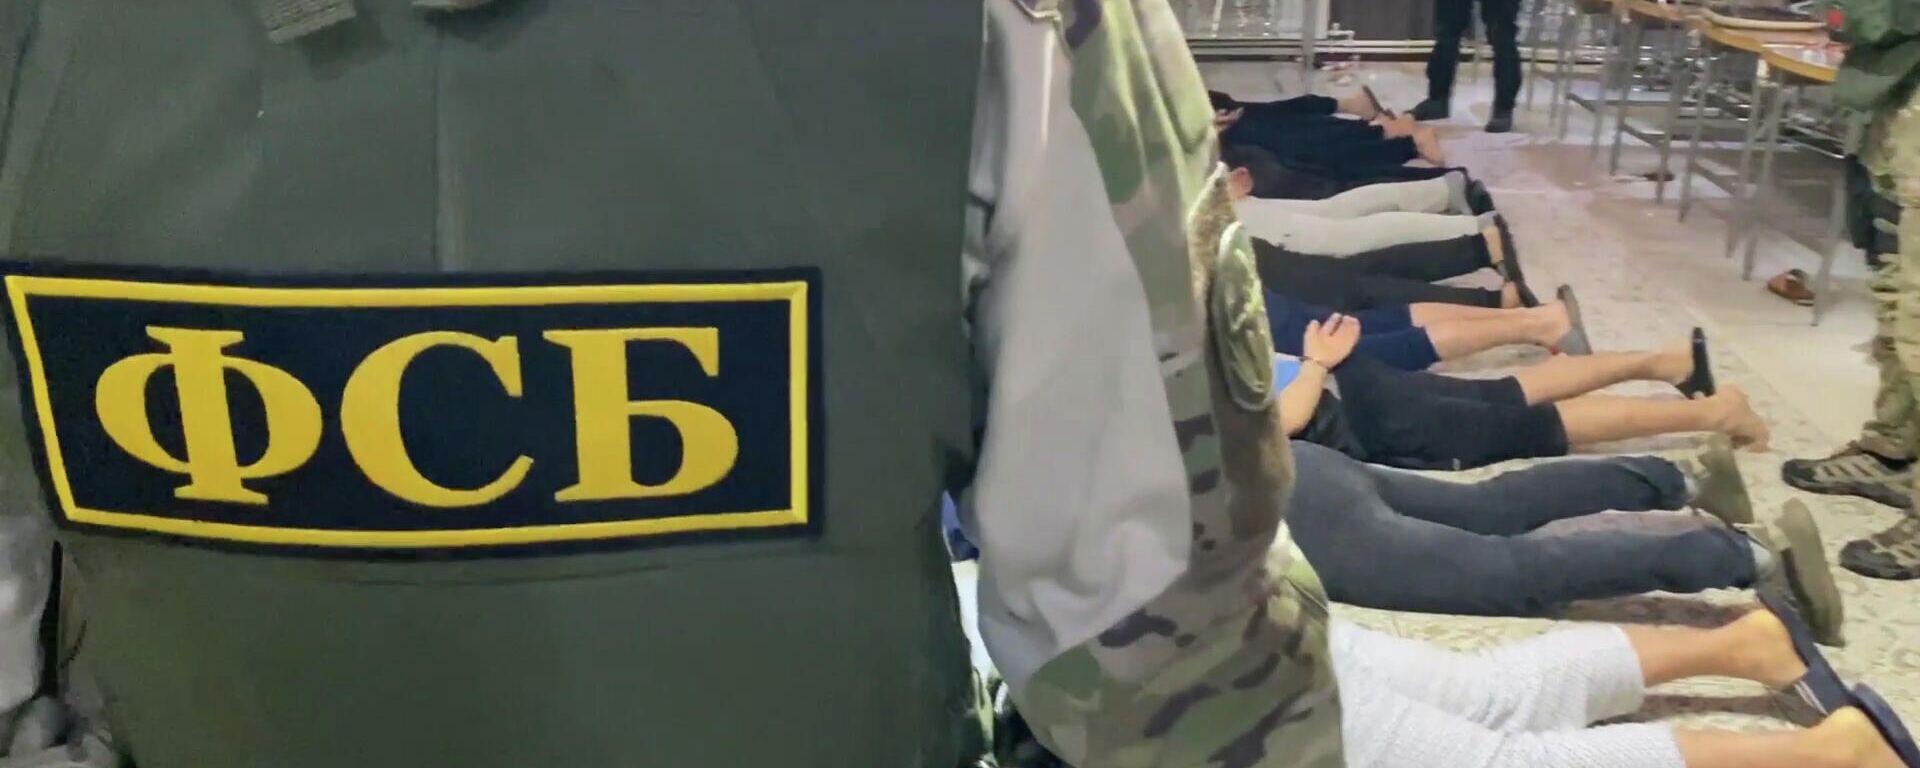 ФСБ РФ пресекла деятельность террористической организации - Sputnik Узбекистан, 1920, 25.08.2021